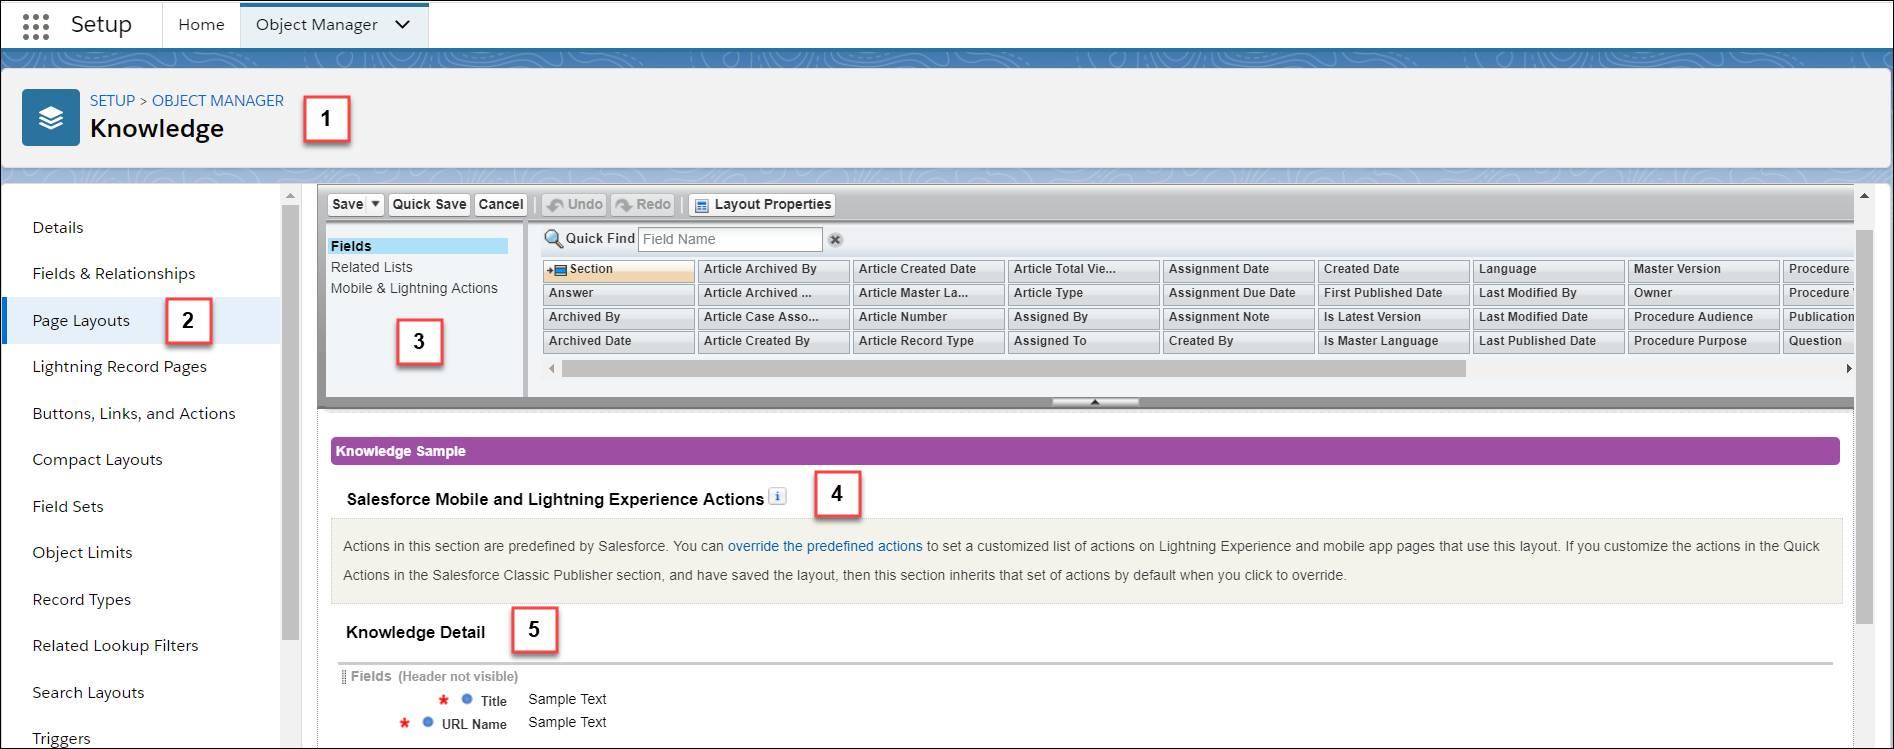 ナレッジオブジェクトの [ページレイアウト] が選択され、ページレイアウトエディタが表示されています。